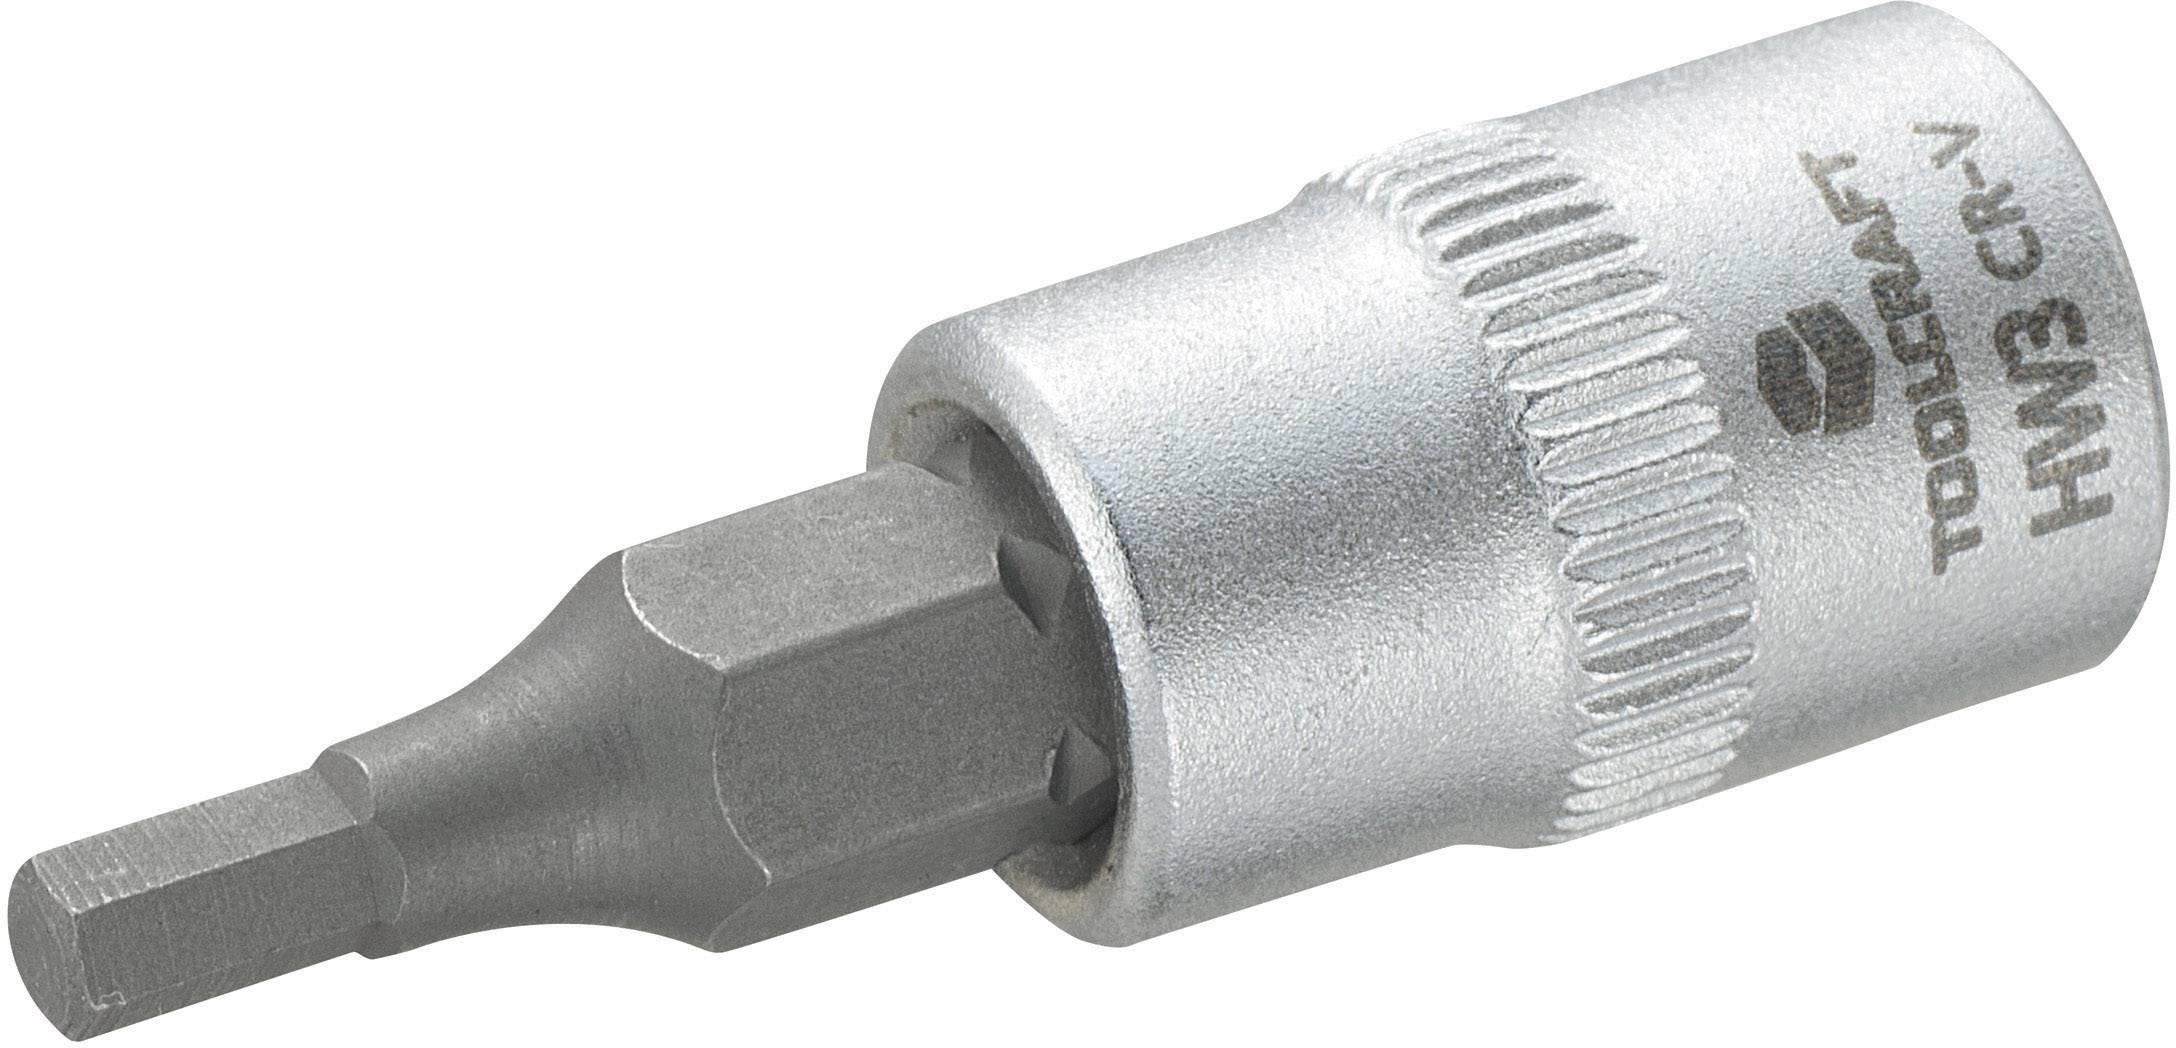 """Nástrčný kľúč TOOLCRAFT 816068, inbus, 1/4"""" (6,3 mm), 3 mm, chróm-vanadiová oceľ"""